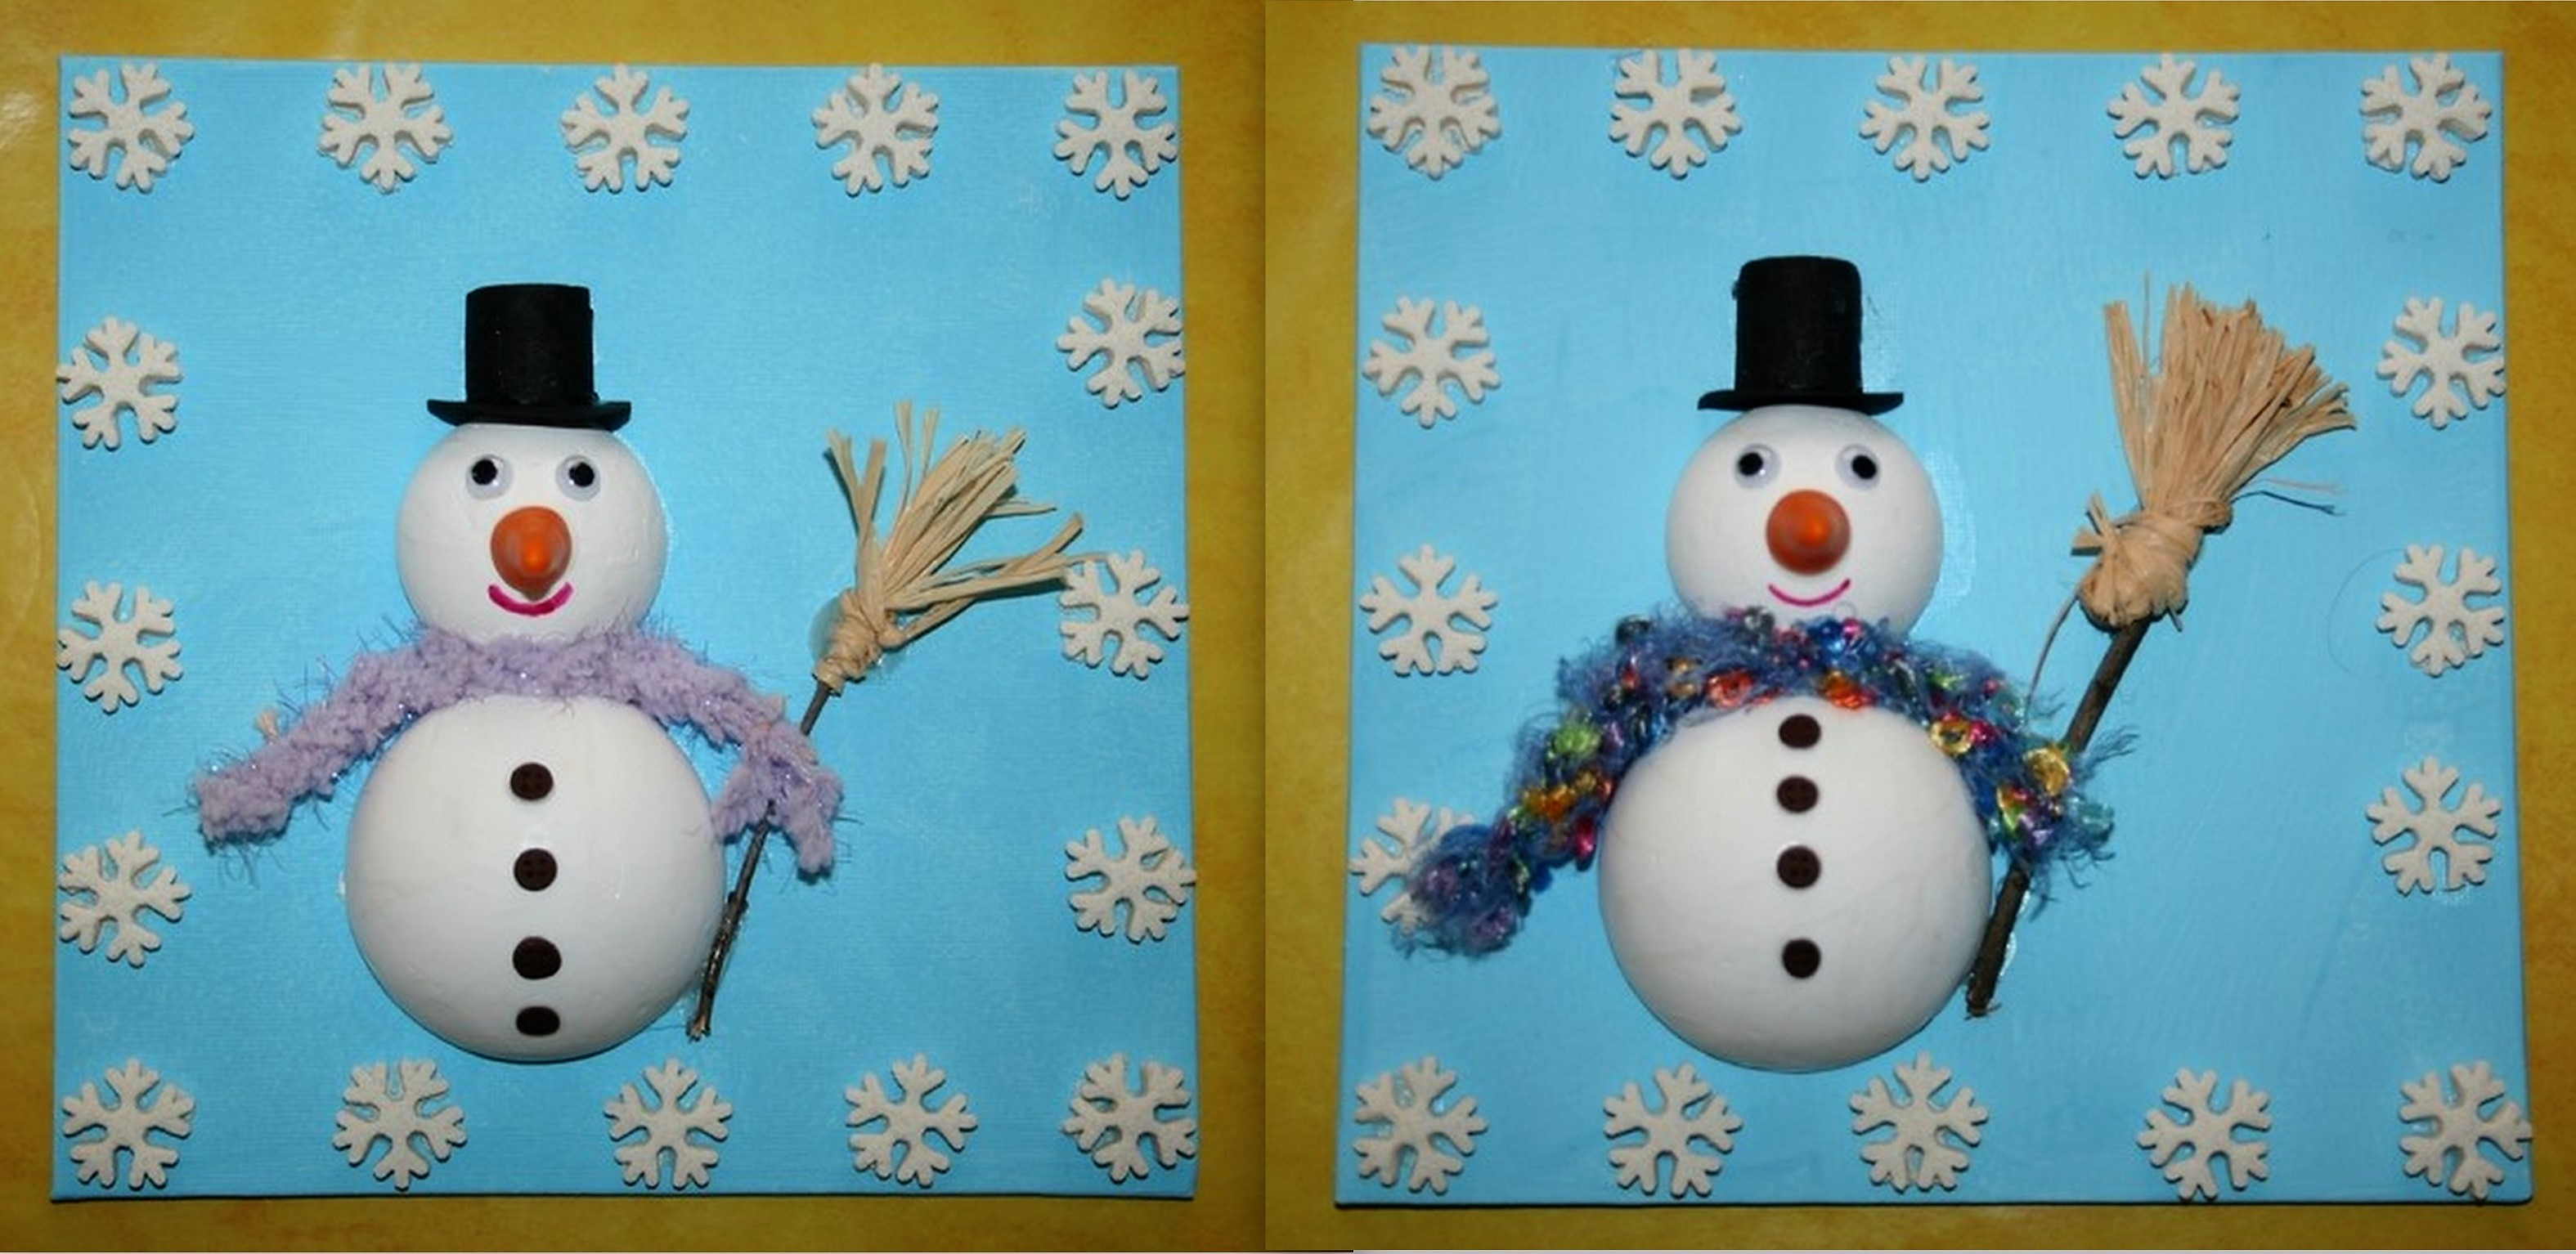 Faire des personnages de Noël en boules polystyrène